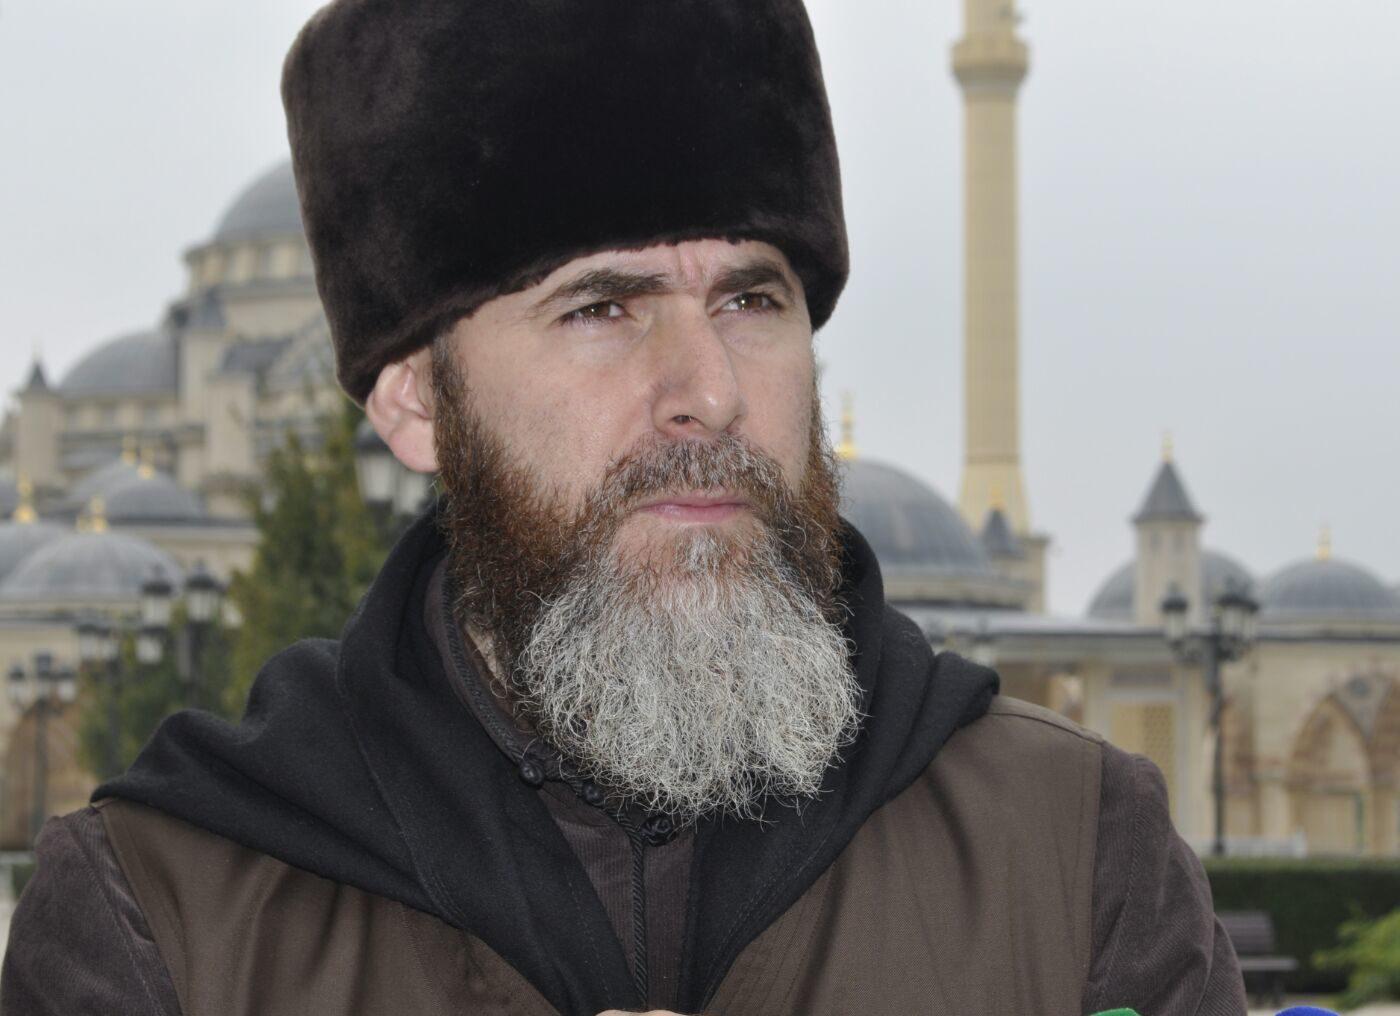 Мусульмане России отреагировали на решение Трампа объявить Иерусалим столицей Израиля